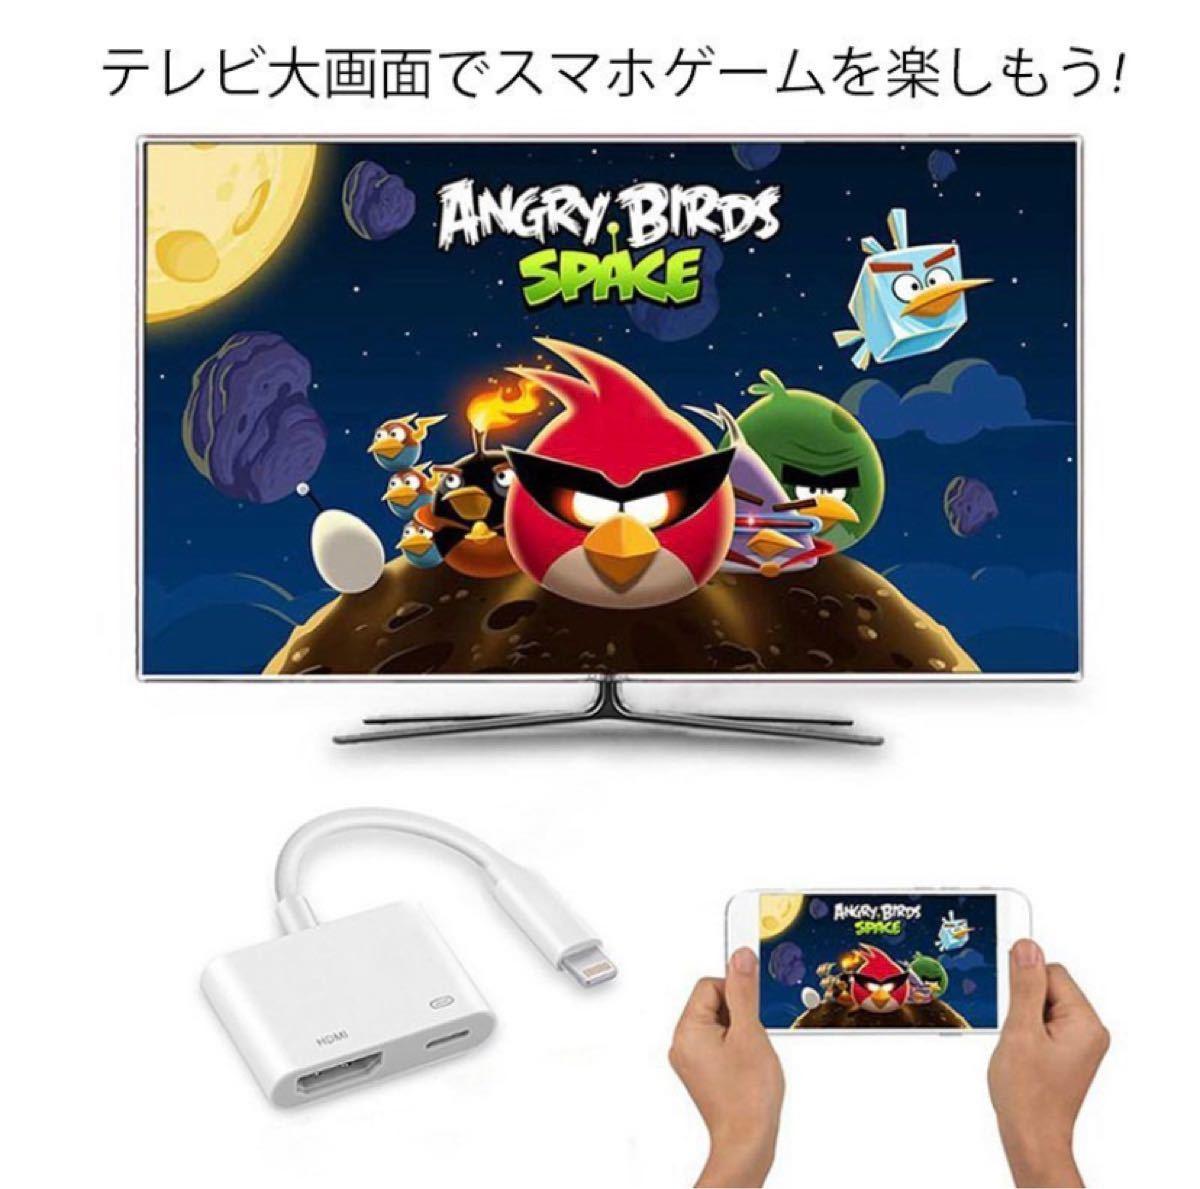 iPhone iPad HDMI変換 アップル AVアダプタ Digital HDMI変換ケーブル ライトニング